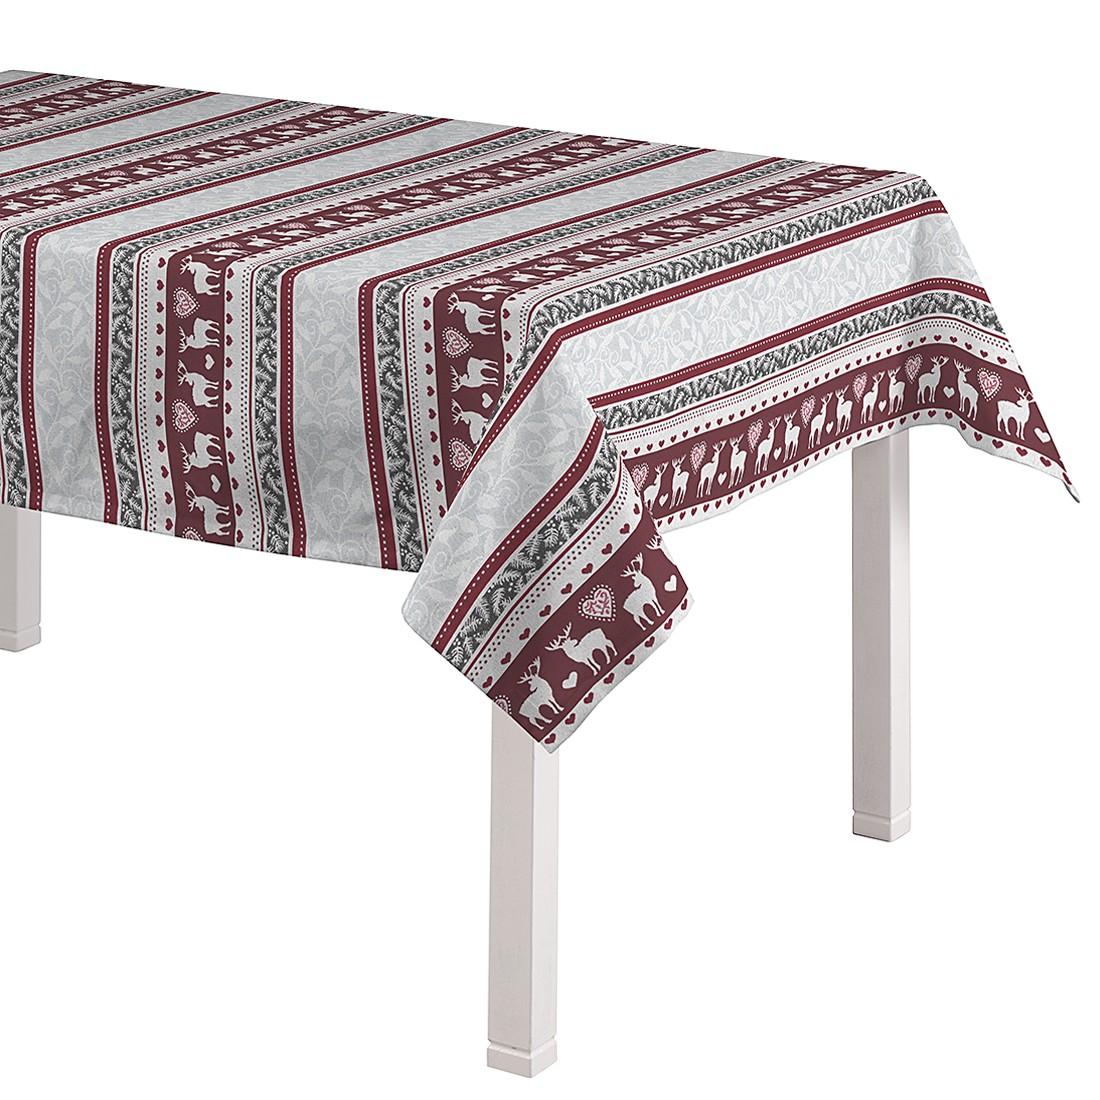 Tischdecke Rentiere – Grau / Rot – 130 x 280 cm, Dekoria günstig kaufen